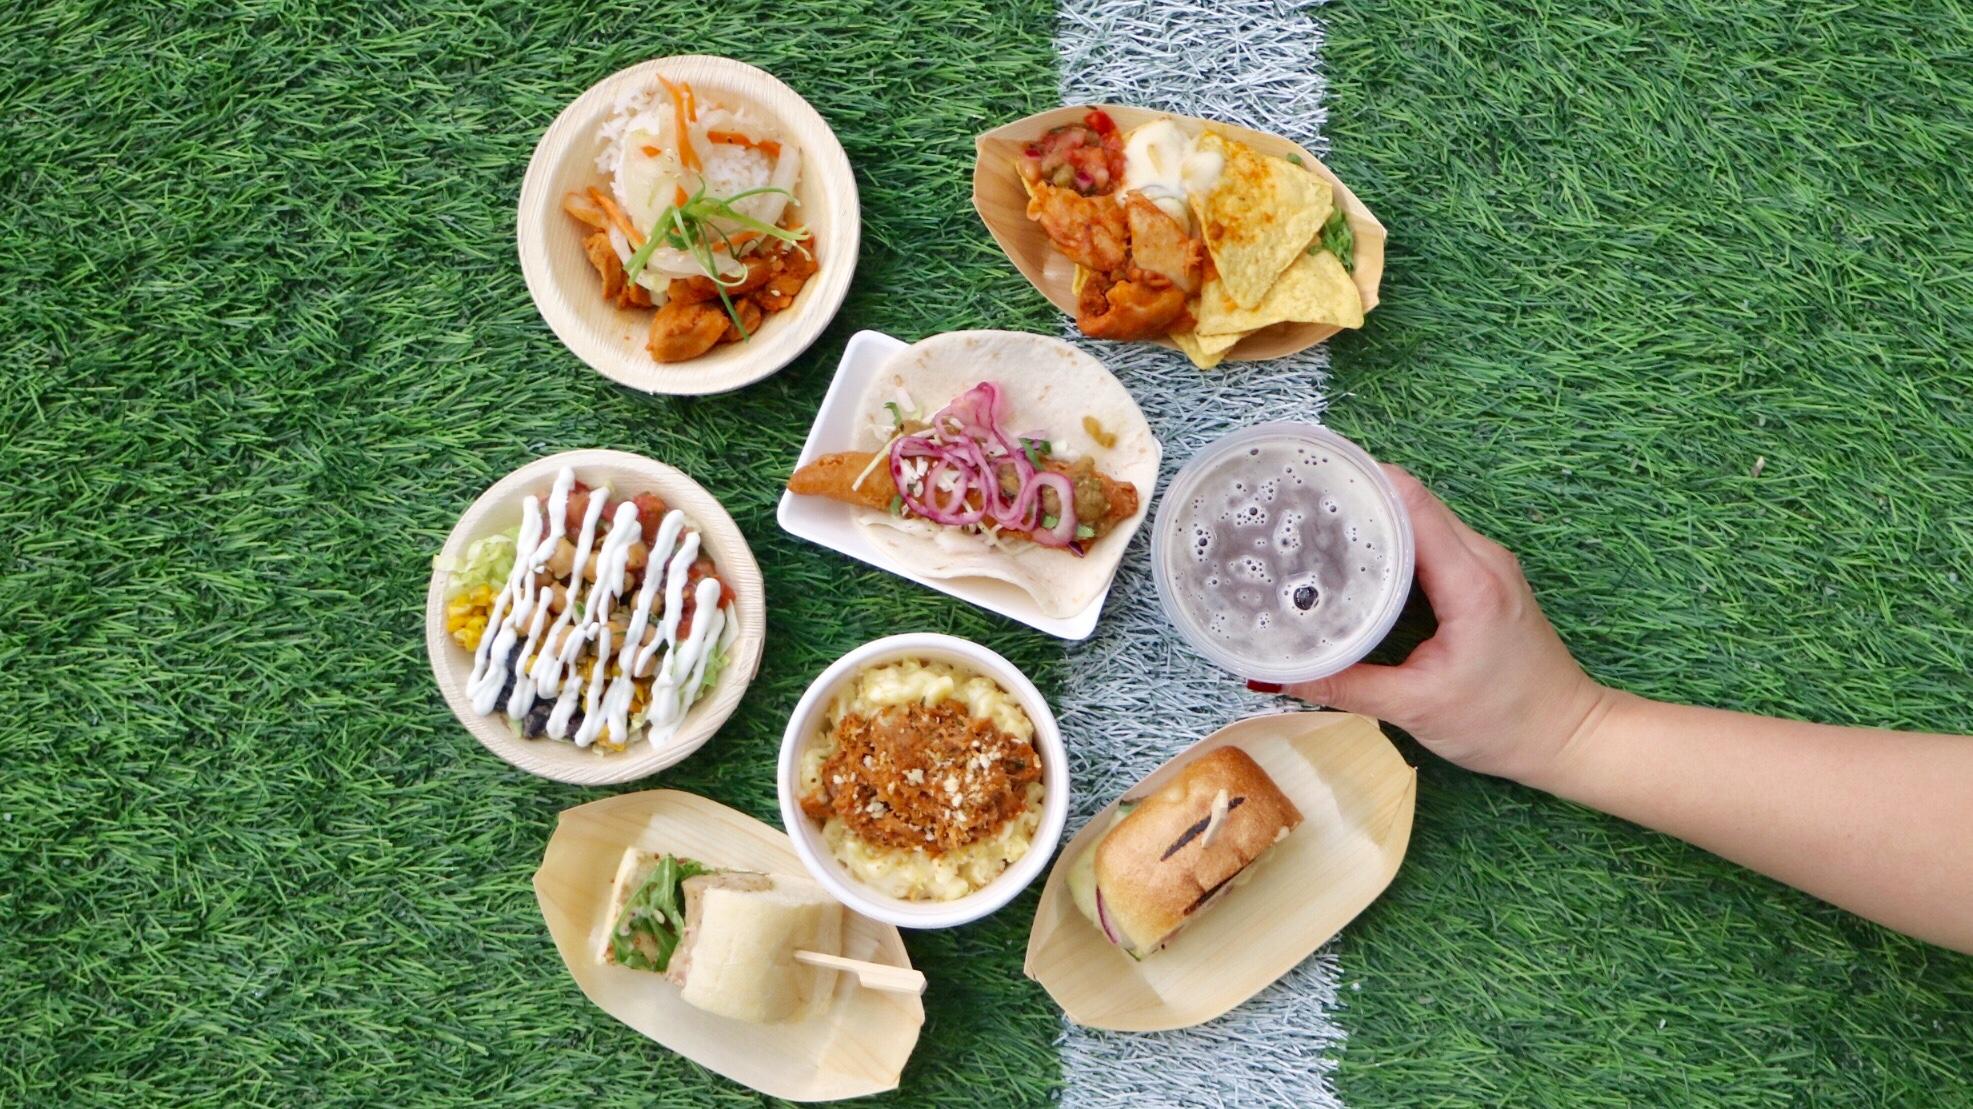 Food at BC Place